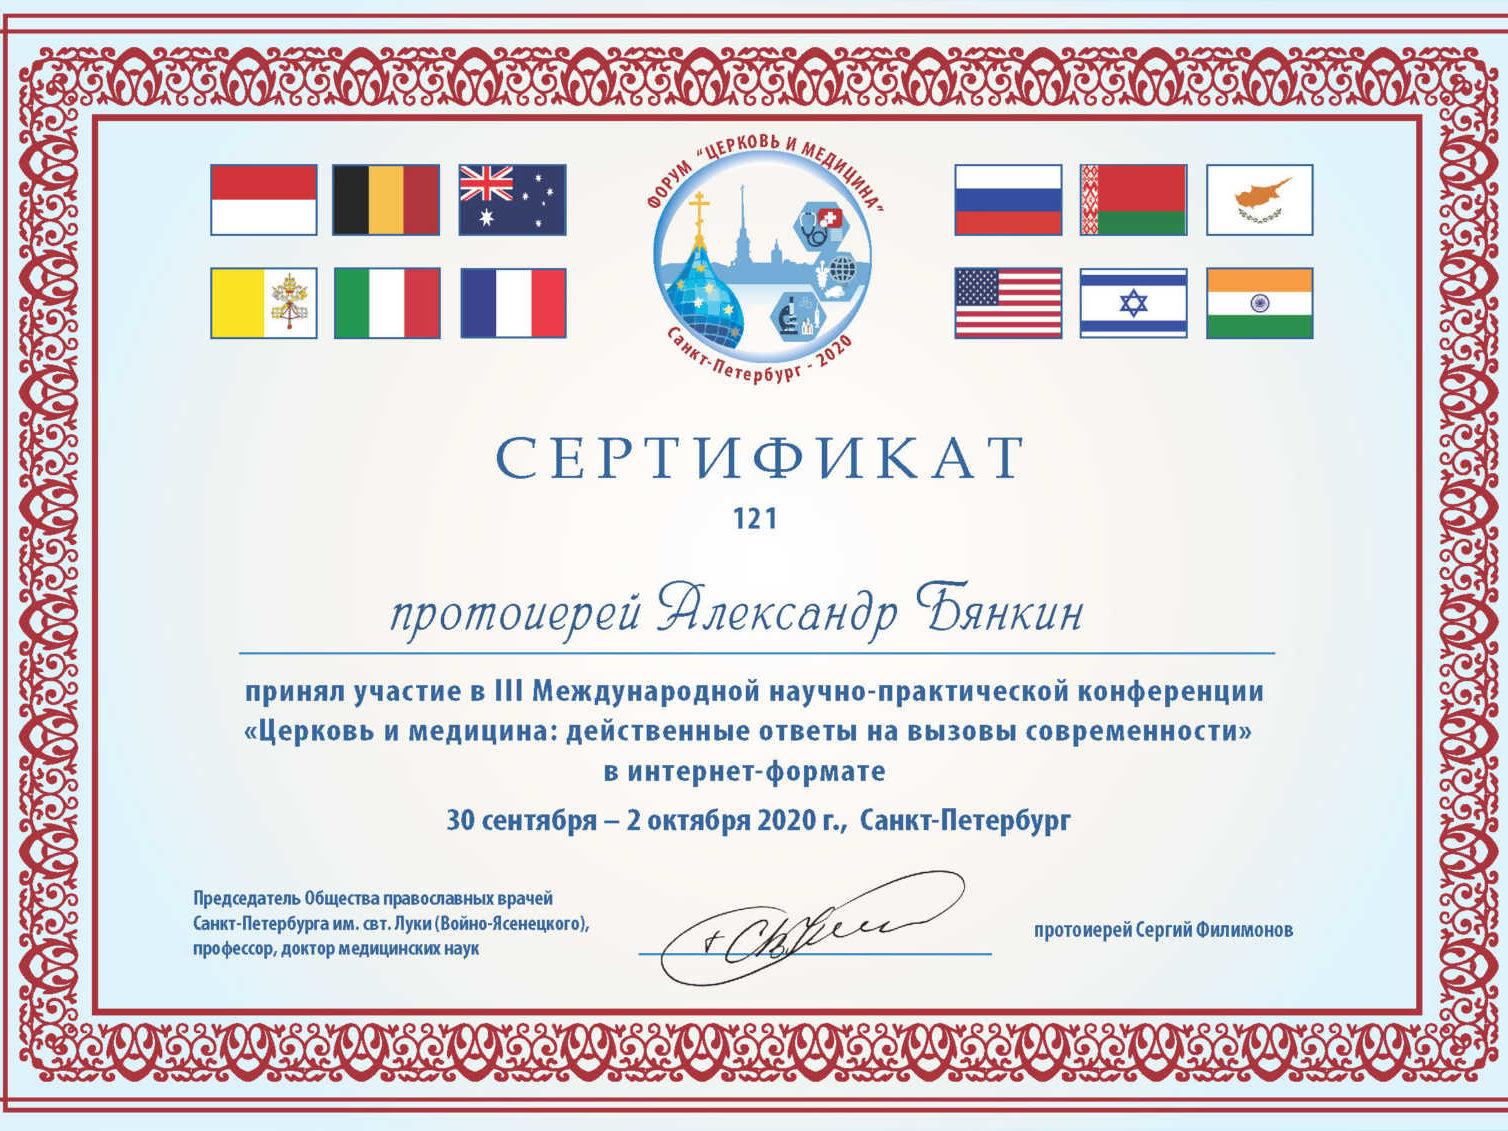 Сертификат 121 прот Александр Бянкин (Челябинск)